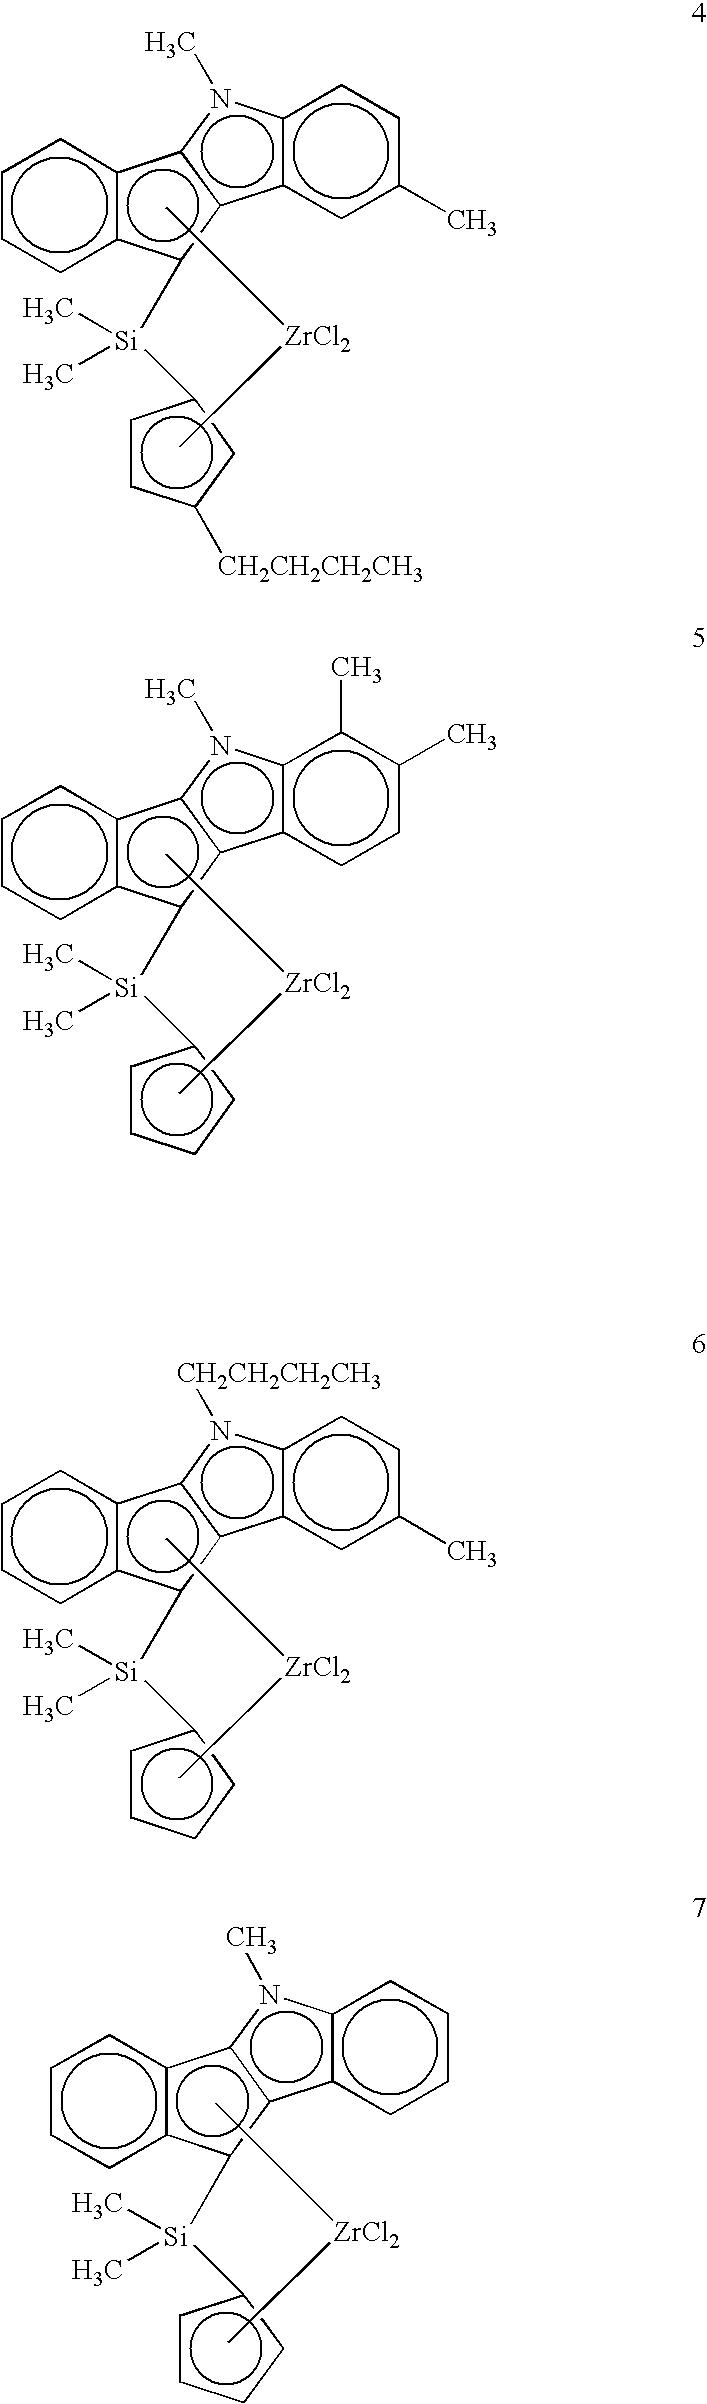 Figure US20090062490A1-20090305-C00006